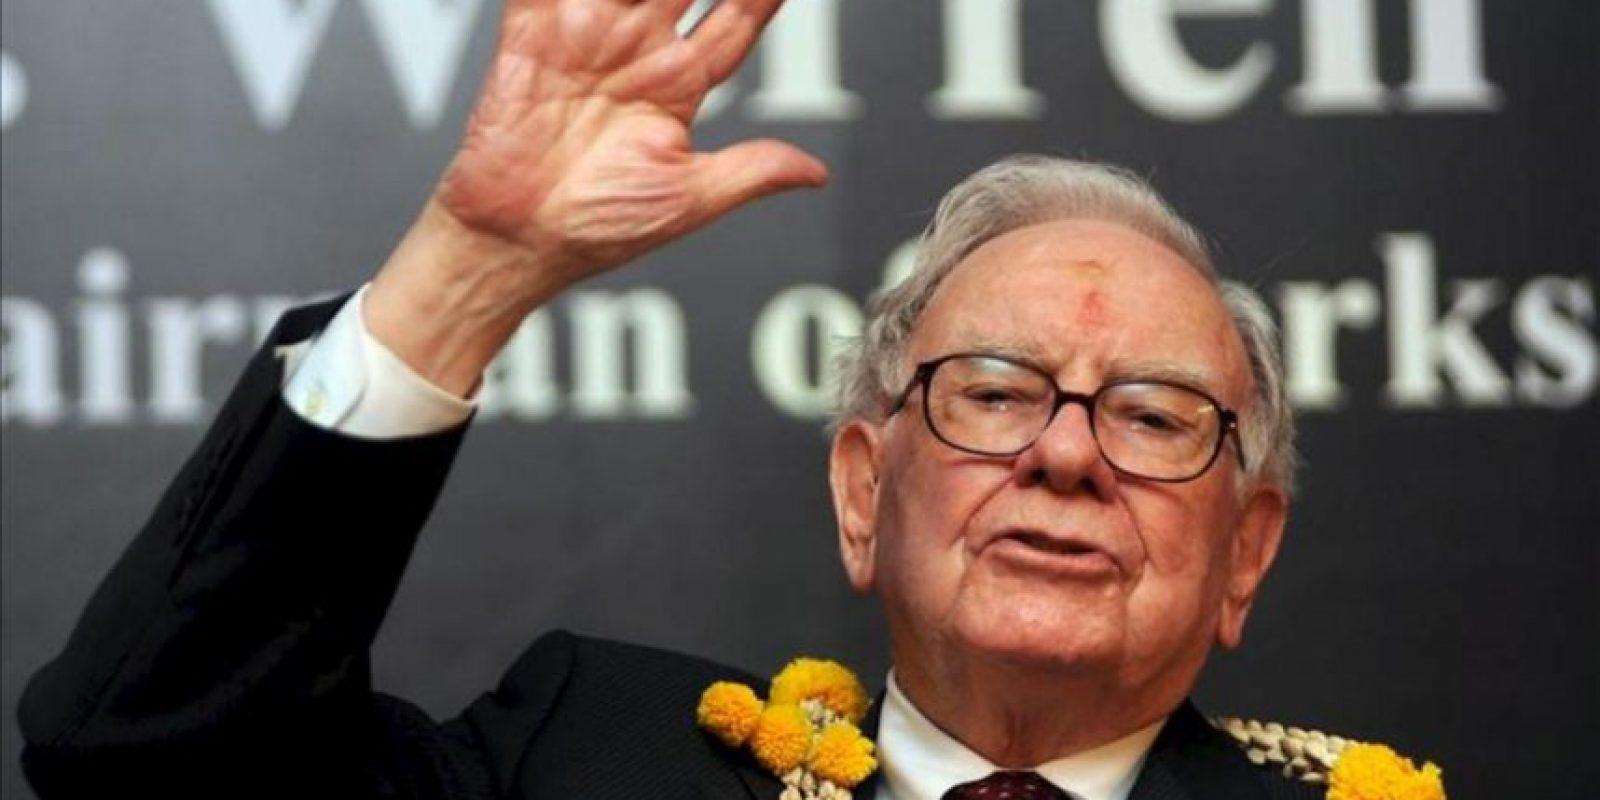 Imagen de archivo del 23 de marzo de 2011, que muestra al estadounidense Warren Buffett, presidente y director ejecutivo de Berkshire Hathaway. EFE/Archivo